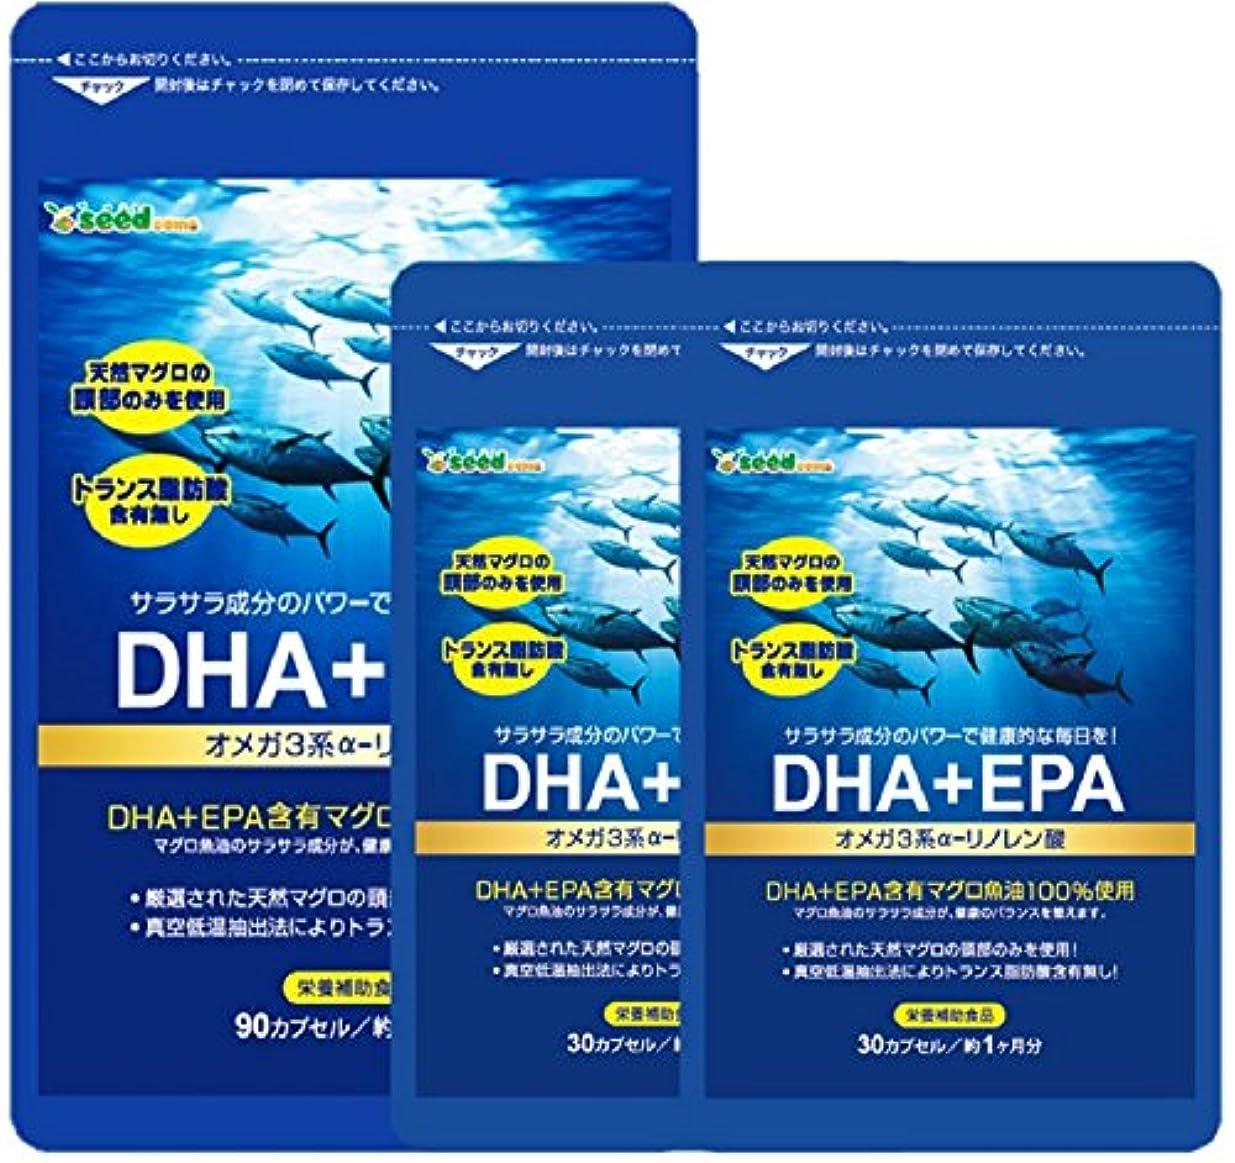 応援する反対あいまいな【 seedcoms シードコムス 公式 】DHA + EPA 約5ヶ月分/150粒 ( オメガ系 α-リノレン酸 )トランス脂肪酸 0㎎